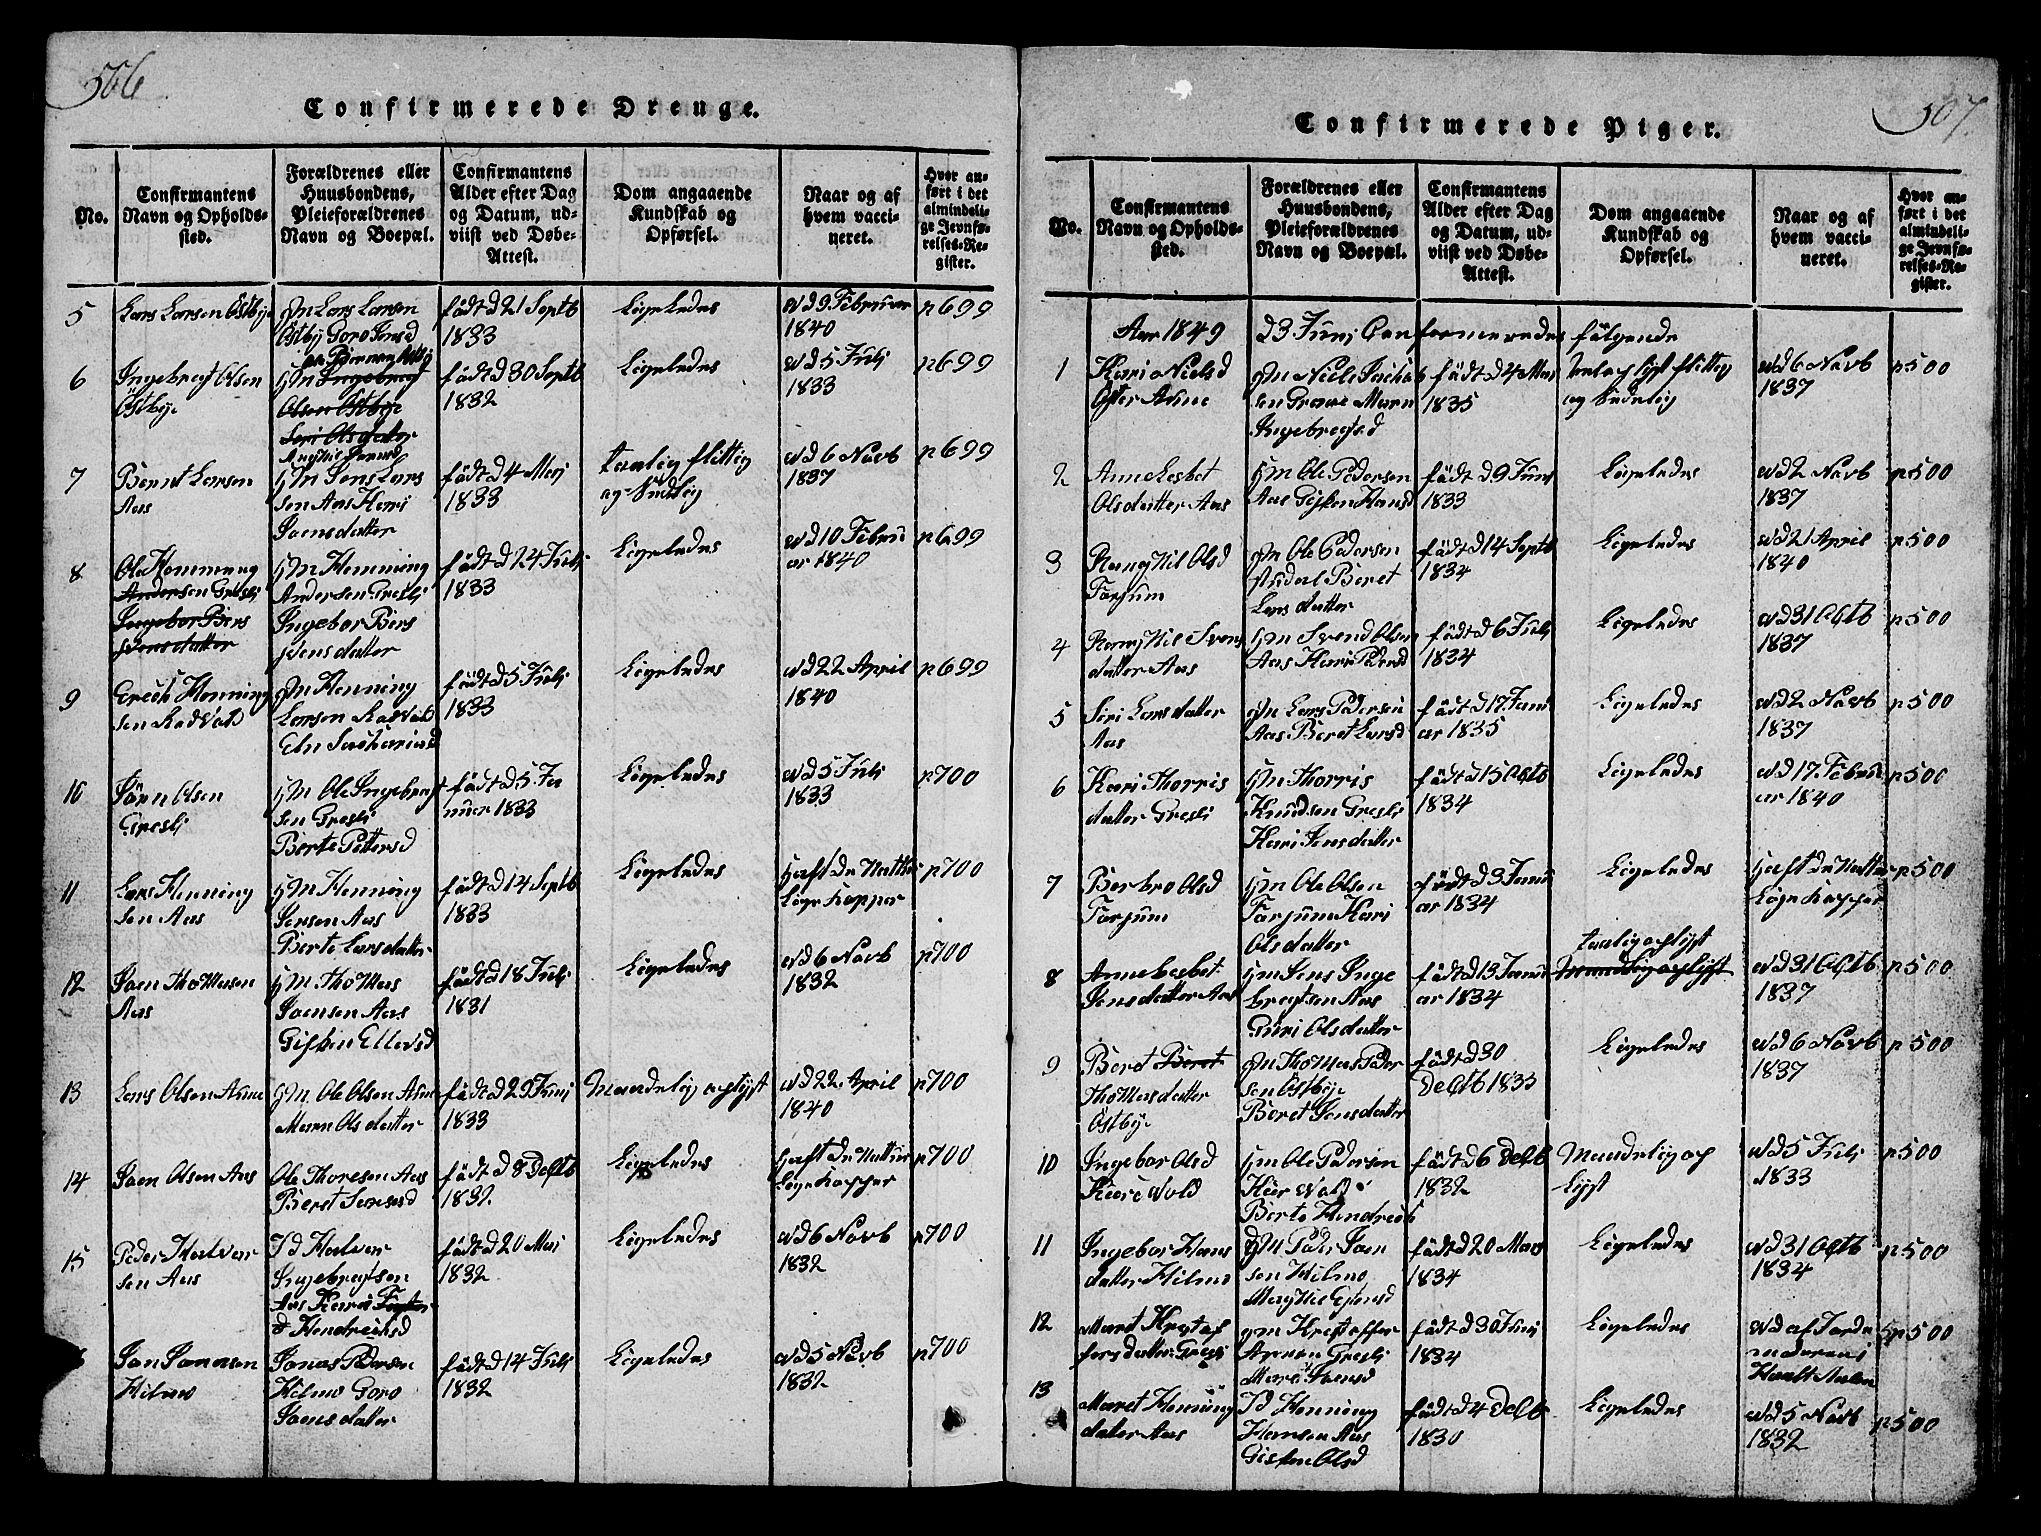 SAT, Ministerialprotokoller, klokkerbøker og fødselsregistre - Sør-Trøndelag, 698/L1164: Klokkerbok nr. 698C01, 1816-1861, s. 506-507